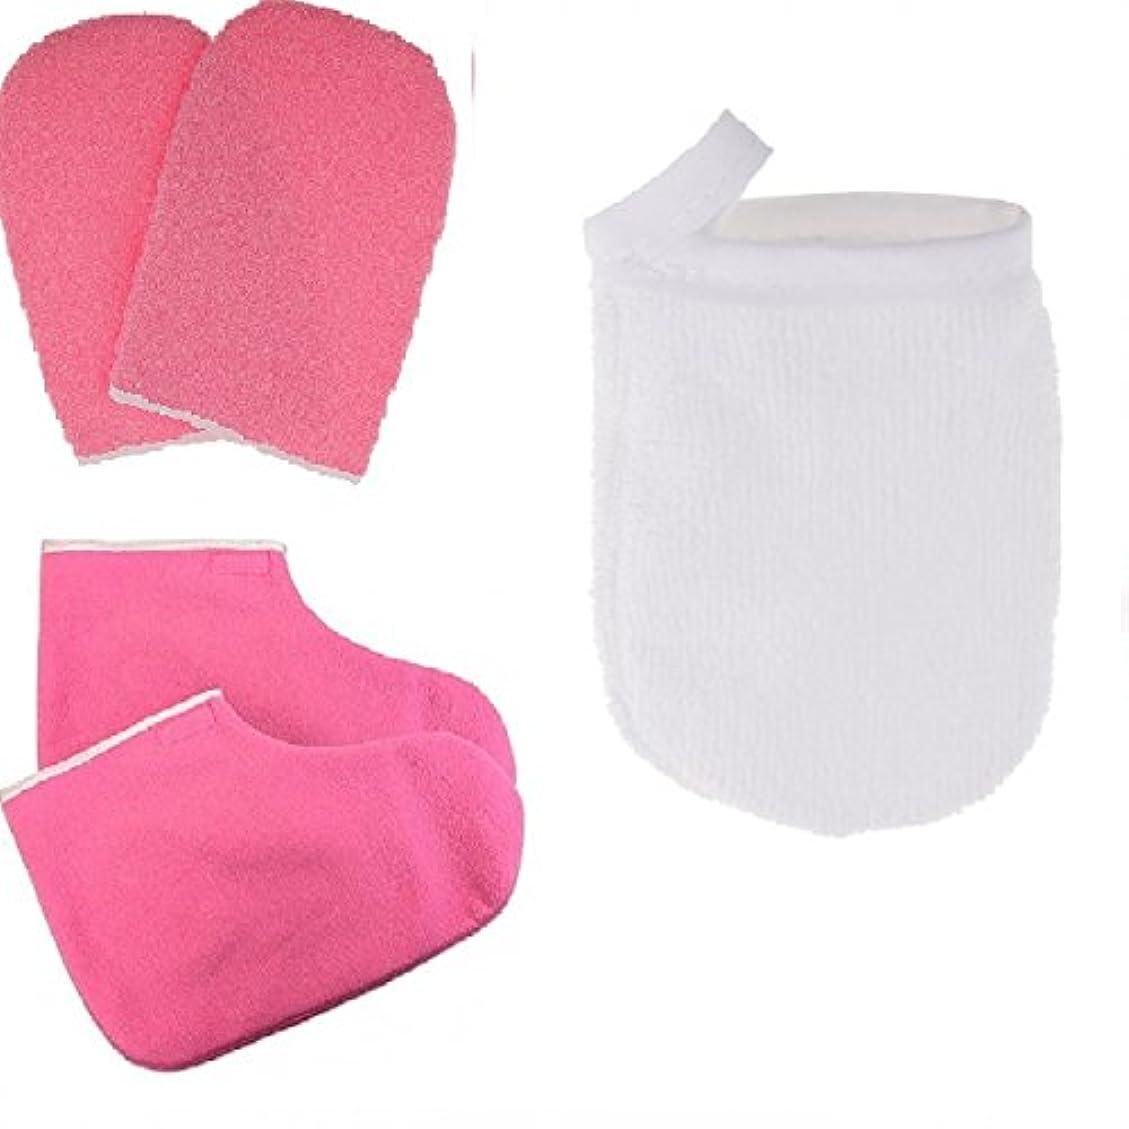 不合格驚くべき平凡パラフィン蝋手袋およびブーティのスキンケアが付いている表面構造の清潔になる手袋